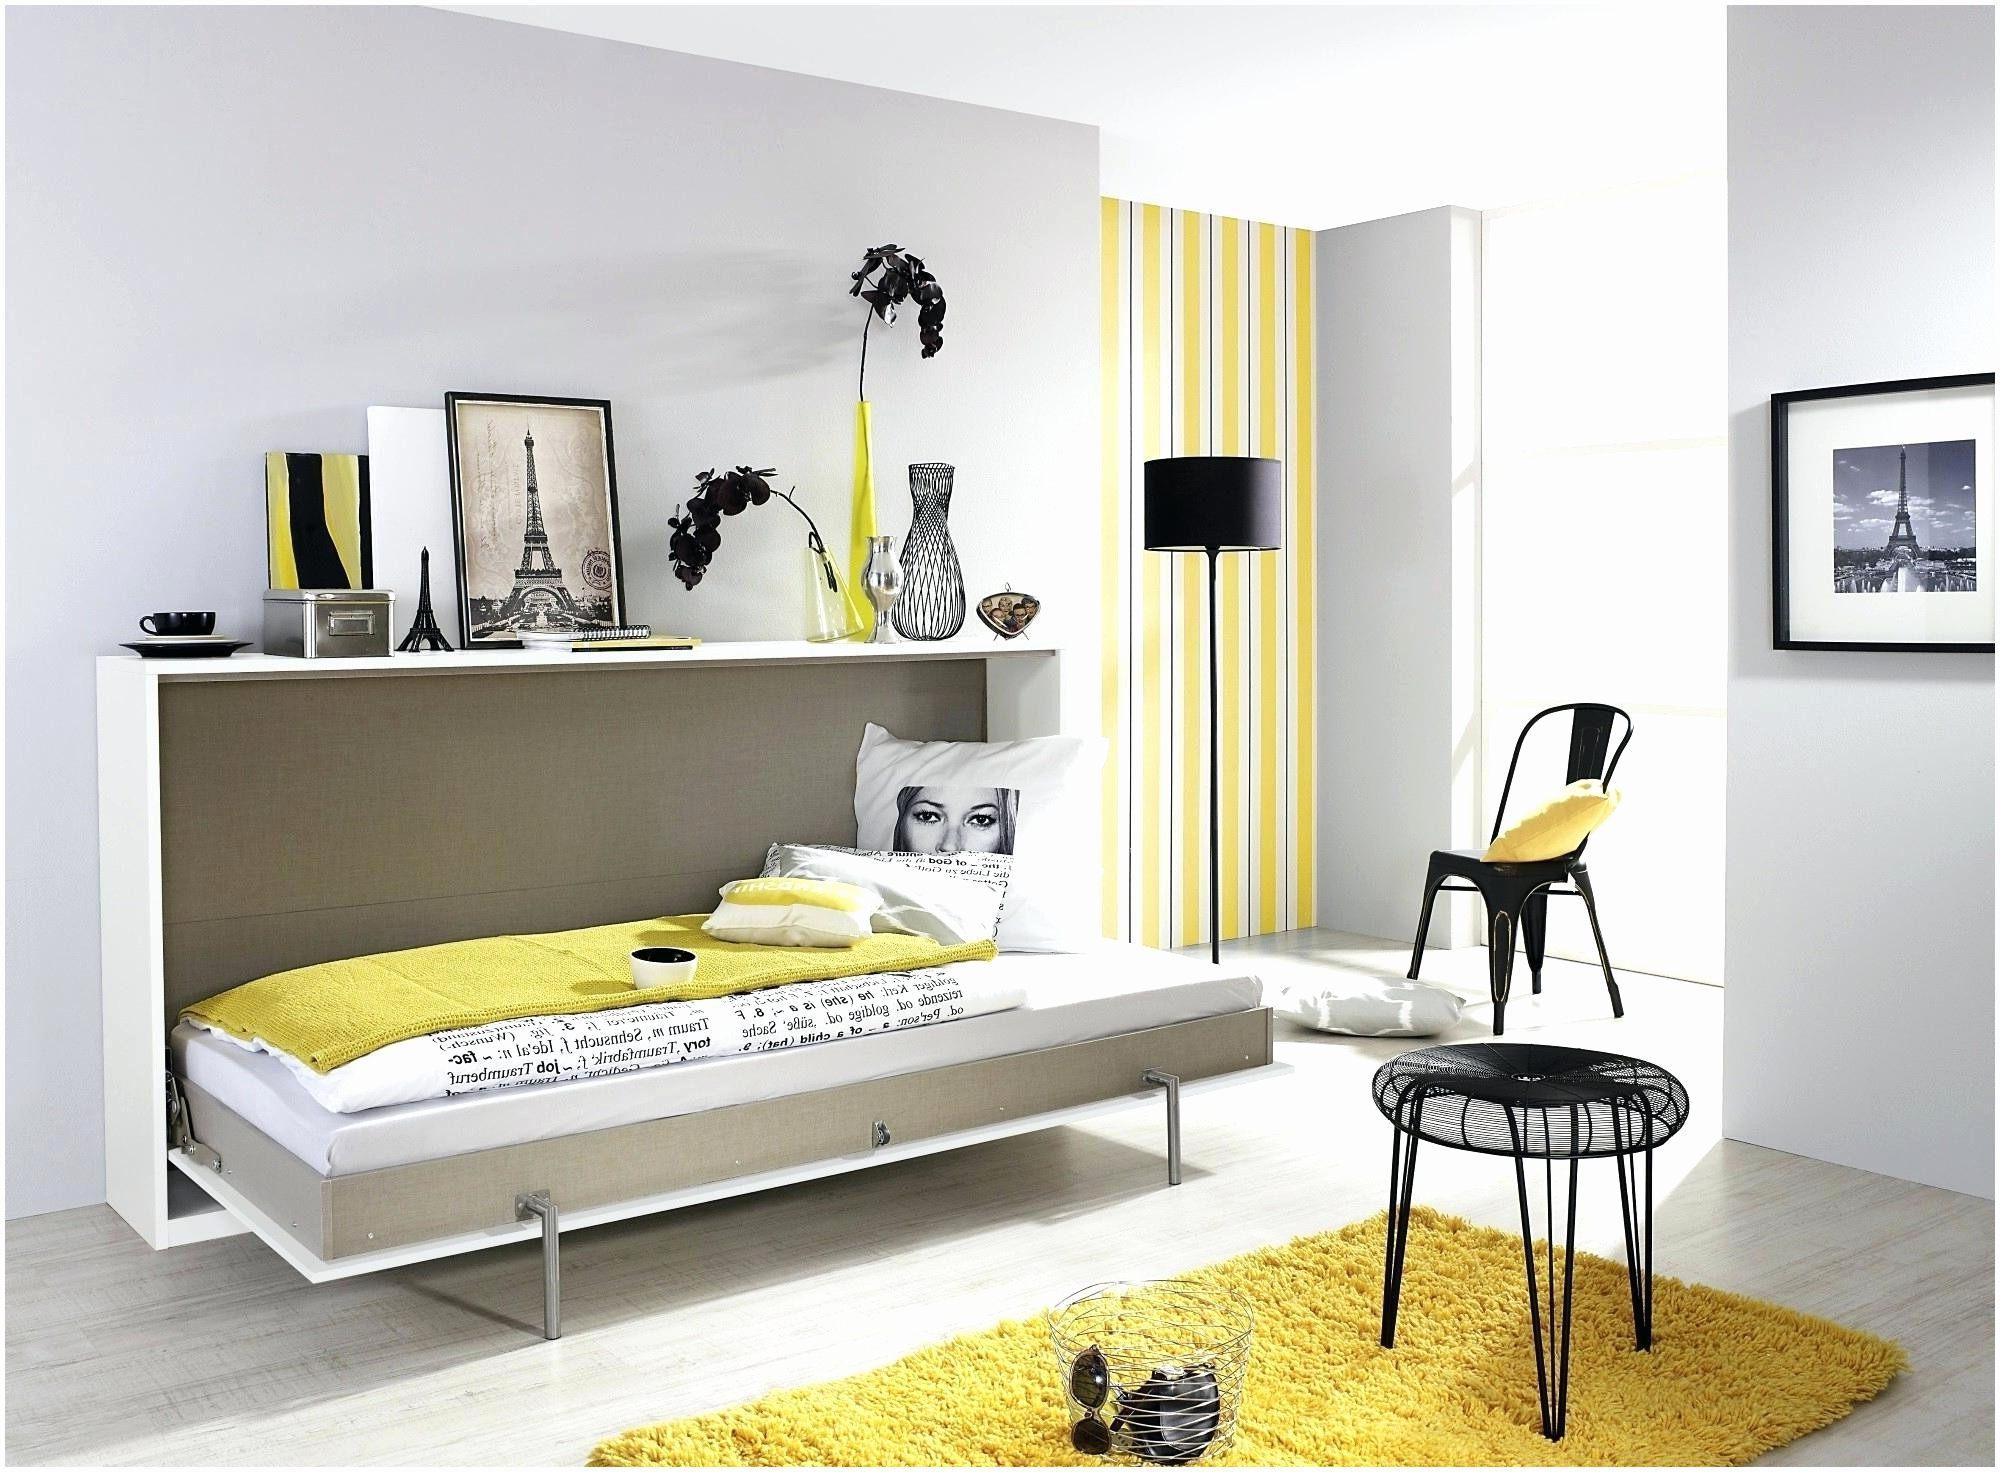 Lit Mezzanine Adulte 2 Places Magnifique Lit Superpose Adulte Beau Lit Mezzanine Salon Maha De Lit 1 Place